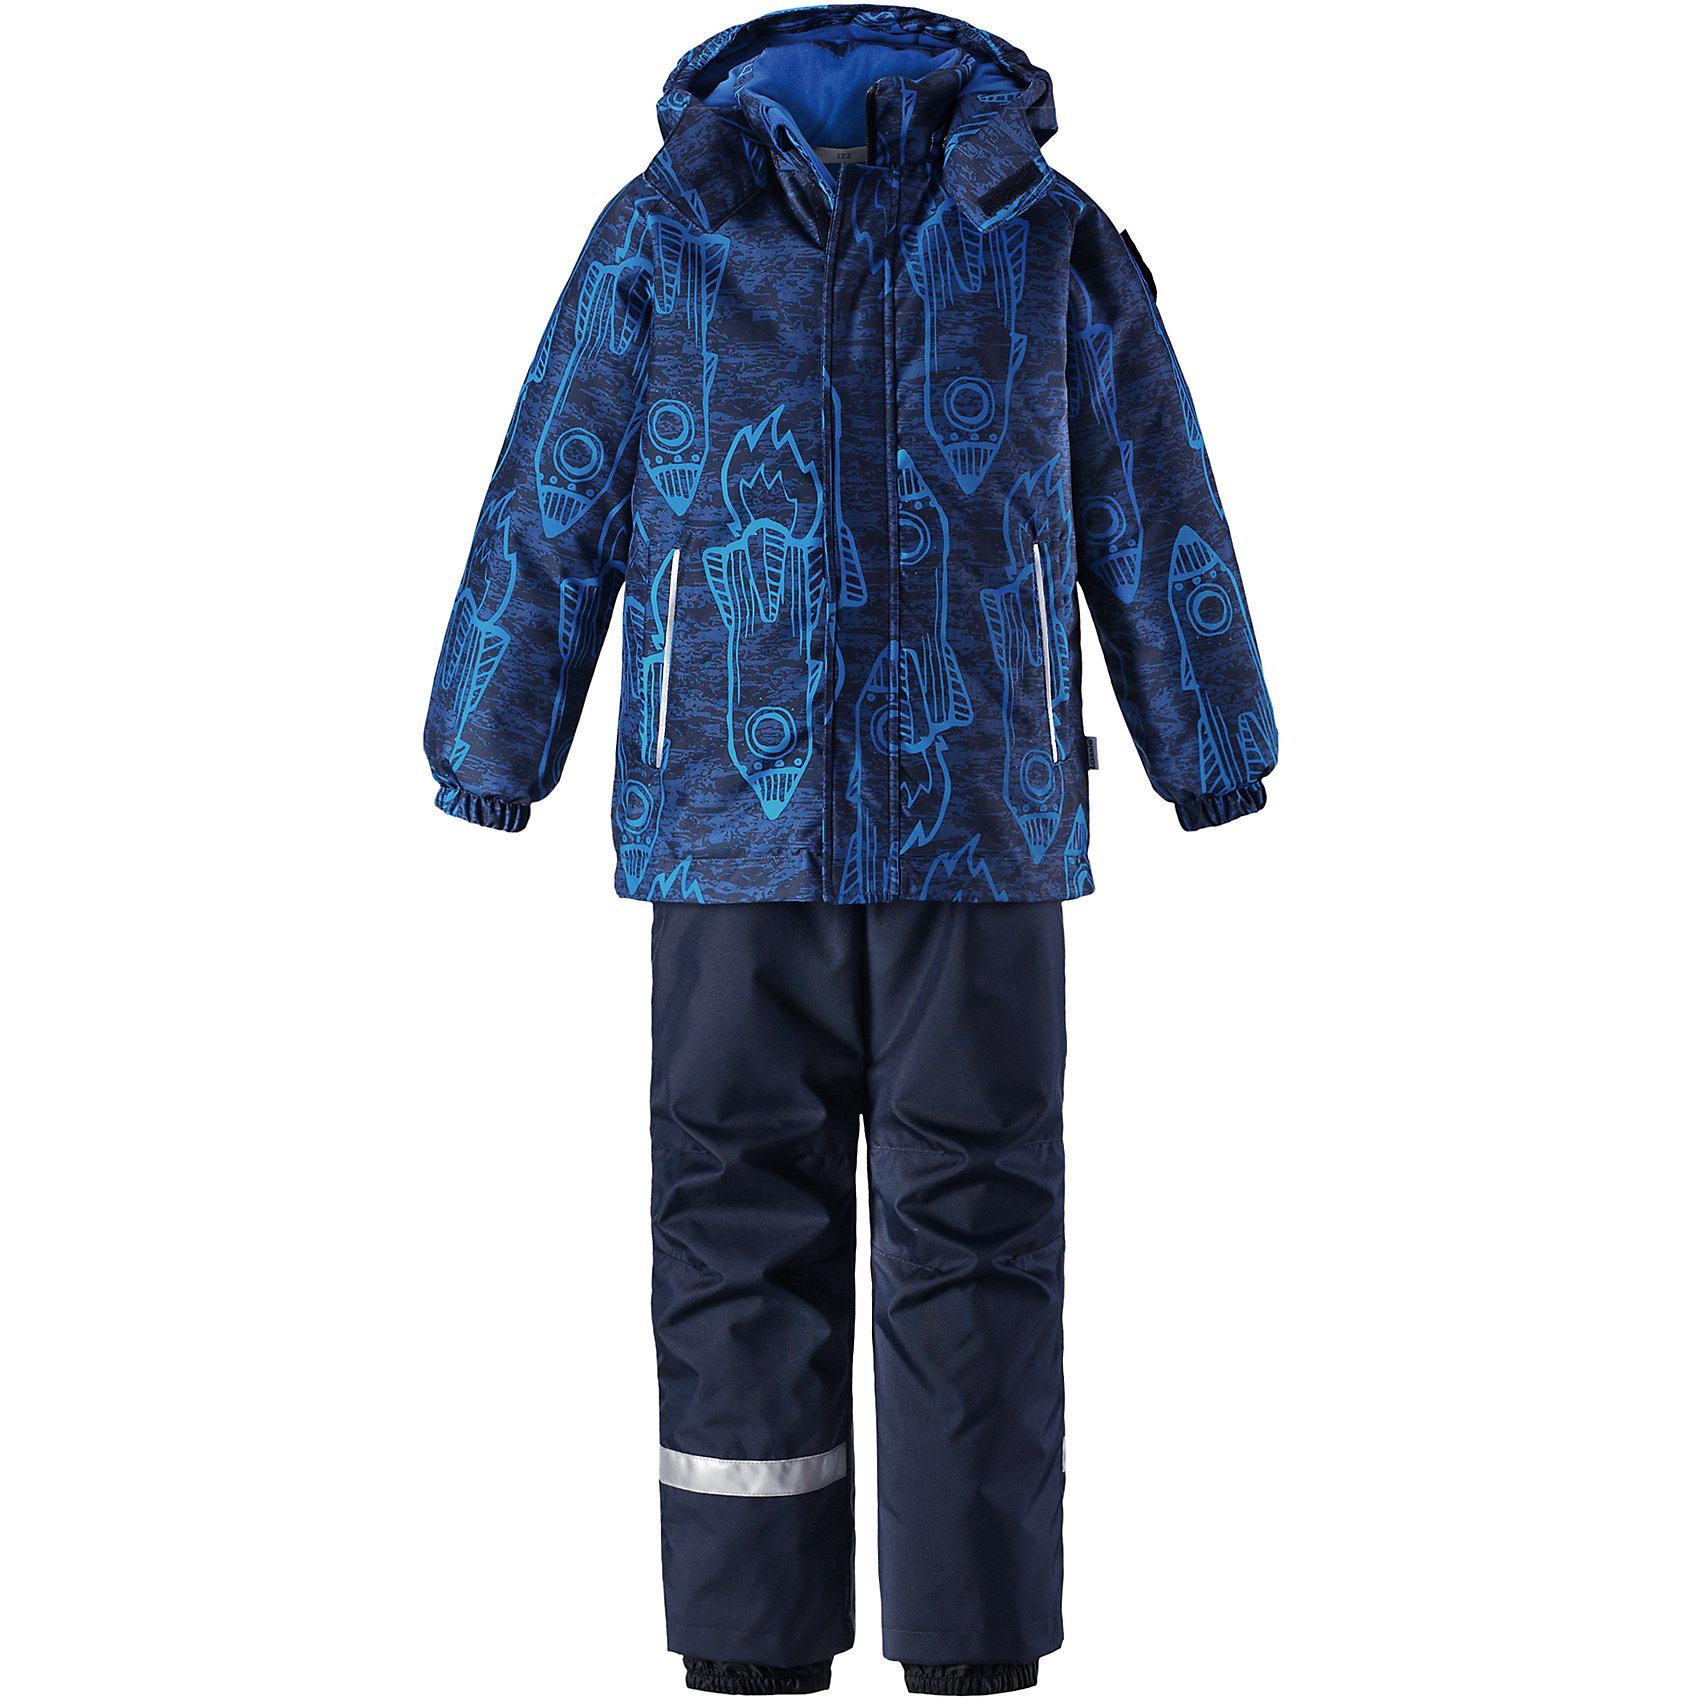 Комплект Lassie для мальчикаОдежда<br>Характеристики товара:<br><br>• цвет: синий;<br>• состав: 100% полиэстер, полиуретановое покрытие;<br>• подкладка: 100% полиэстер;<br>• утеплитель: куртка 180 г/м2, брюки 100 г/м2;<br>• сезон: зима;<br>• температурный режим: от 0 до -20С;<br>• водонепроницаемость: 1000 мм;<br>• воздухопроницаемость: 1000 мм;<br>• износостойкость: 50000 циклов (тест Мартиндейла);<br>• застежка: куртка на молнии, брюки молнии и пуговице;<br>• водоотталкивающий, ветронепроницаемый и дышащий материал;<br>• гладкая подкладка из полиэстера; <br>• безопасный съемный капюшон;<br>• эластичные манжеты; <br>• снегозащитные манжеты на штанинах;<br>• эластичная талия;<br>• регулируемый подол;<br>• регулируемые и отстегивающиеся эластичные подтяжки;<br>• два кармана на молнии;<br>• светоотражающие детали;<br>• страна бренда: Финляндия;<br>• страна изготовитель: Китай;<br><br>Этот очень теплый детский зимний комплект имеет множество продуманных  функциональных деталей. Куртка снабжена безопасным съемным капюшоном, который защищает щечки от морозного ветра. Регулируемый подол позволяет откорректировать куртку по фигуре и обеспечивает дополнительную защиту. Защита от снега на концах брючин помогает ножкам оставаться сухими и теплыми. <br><br>Брюки изготовлены из сверхпрочного материала и идеально подходят для активных зимних игр на свежем воздухе или катания на лыжах. Удобная молния спереди облегчает надевание, а съемные регулируемые подтяжки позволяют откорректировать брюки идеально по размеру. Безопасный съемный капюшон и яркая расцветка завершают образ.<br><br>Комплект Lassie (Ласси) для мальчика можно купить в нашем интернет-магазине.<br><br>Ширина мм: 356<br>Глубина мм: 10<br>Высота мм: 245<br>Вес г: 519<br>Цвет: синий<br>Возраст от месяцев: 18<br>Возраст до месяцев: 24<br>Пол: Мужской<br>Возраст: Детский<br>Размер: 92,140,134,128,122,116,110,104,98<br>SKU: 6927891